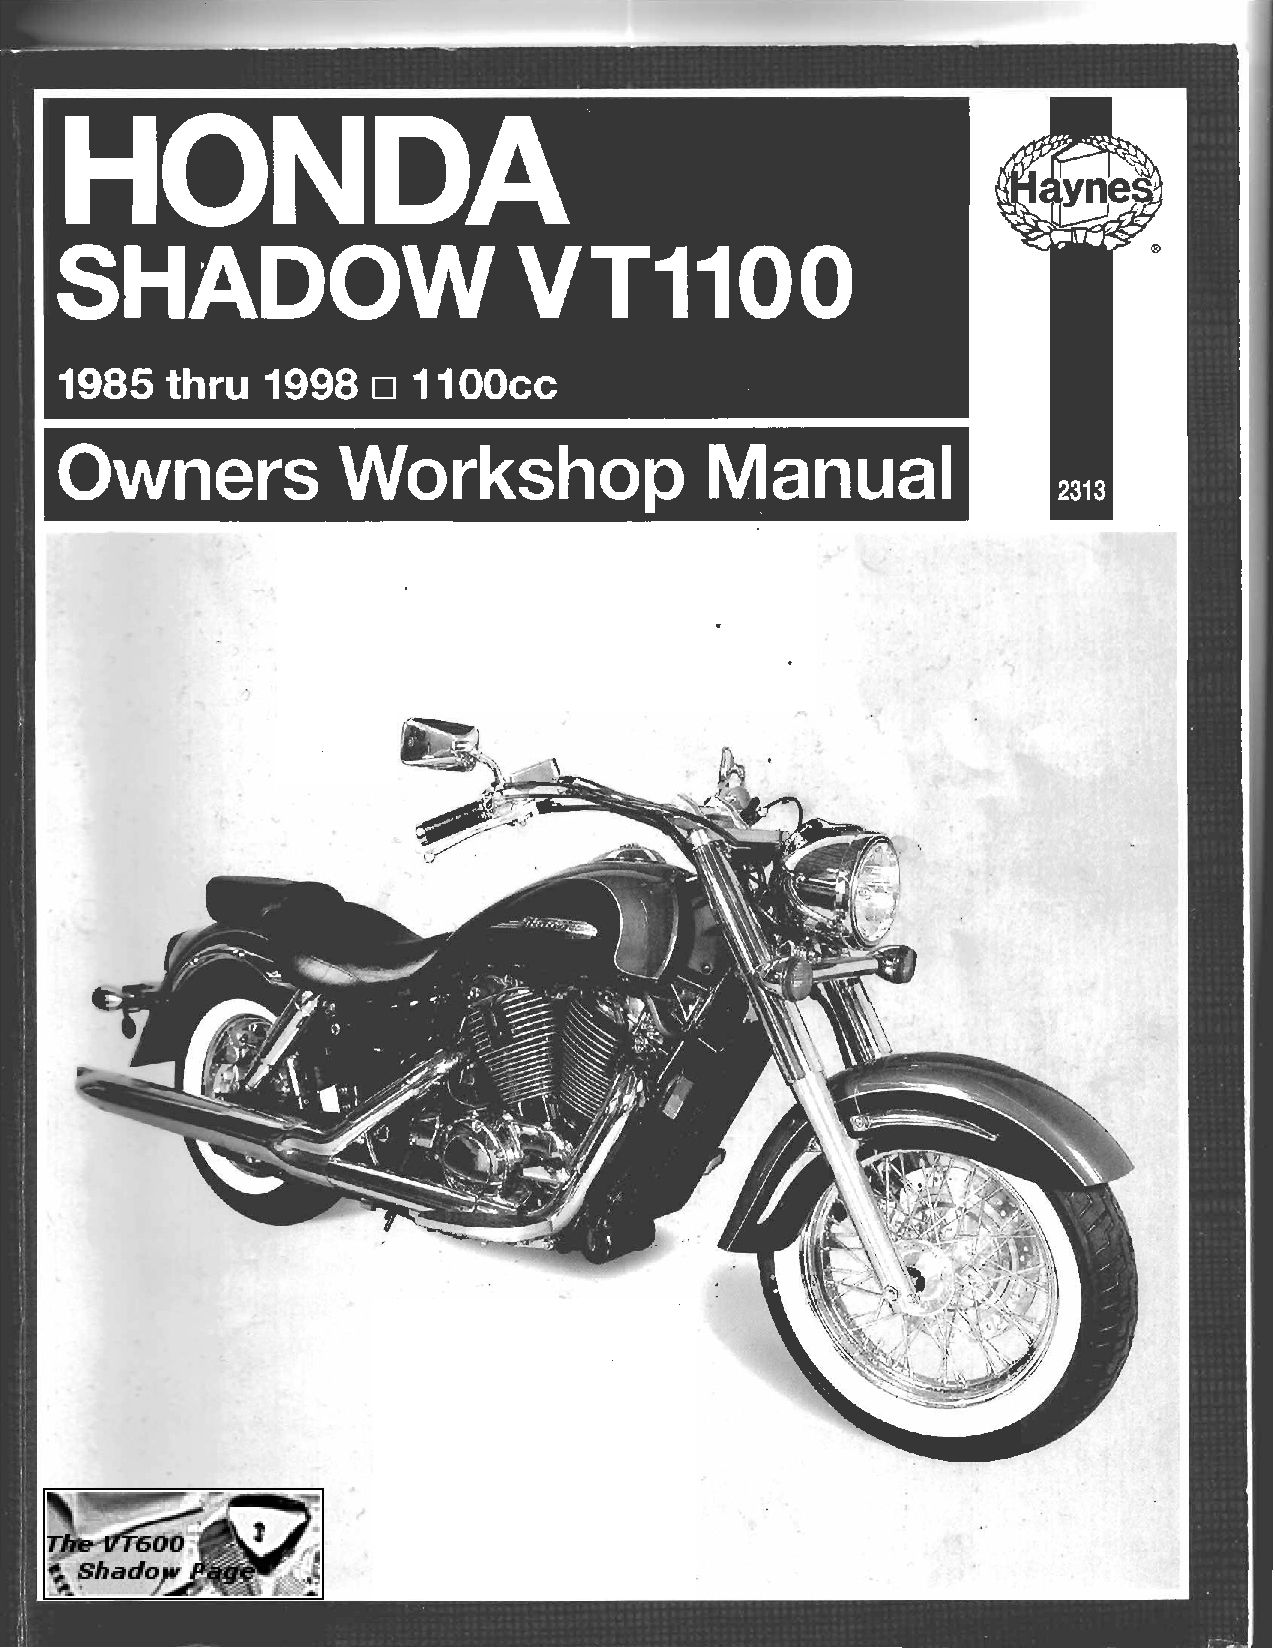 Honda Vt 1100 1985 1998 Repair Manual Pdf Download